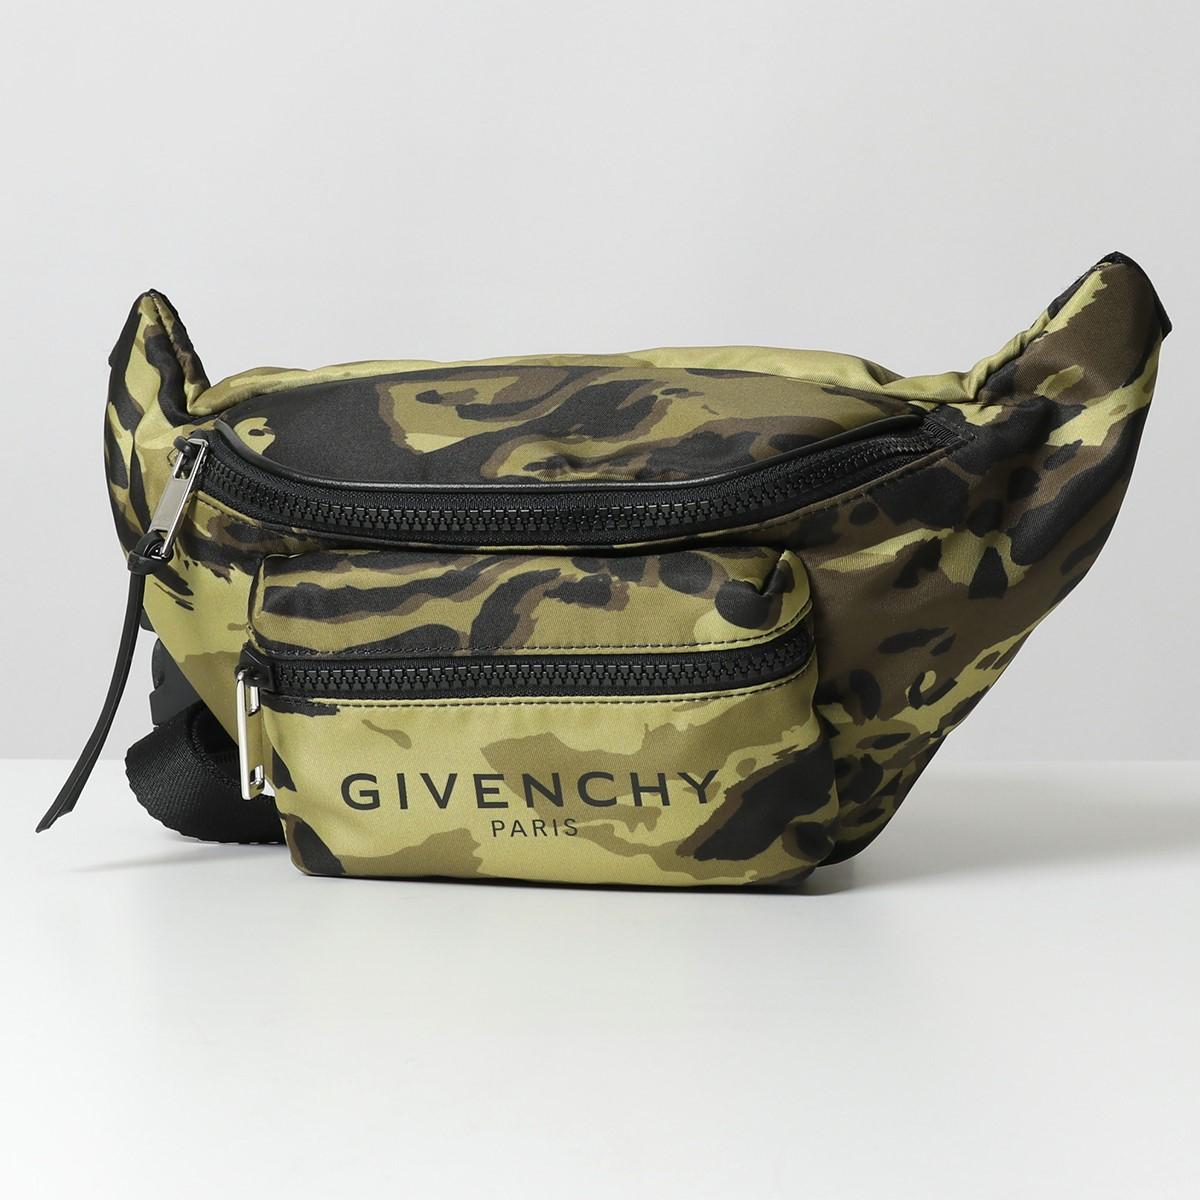 GIVENCHY ジバンシィ BK5037K0TU 960 LIGHT 3 BUM BAG カモフラ柄 ボディバッグ ベルトバッグ ウエストポーチ 鞄 メンズ